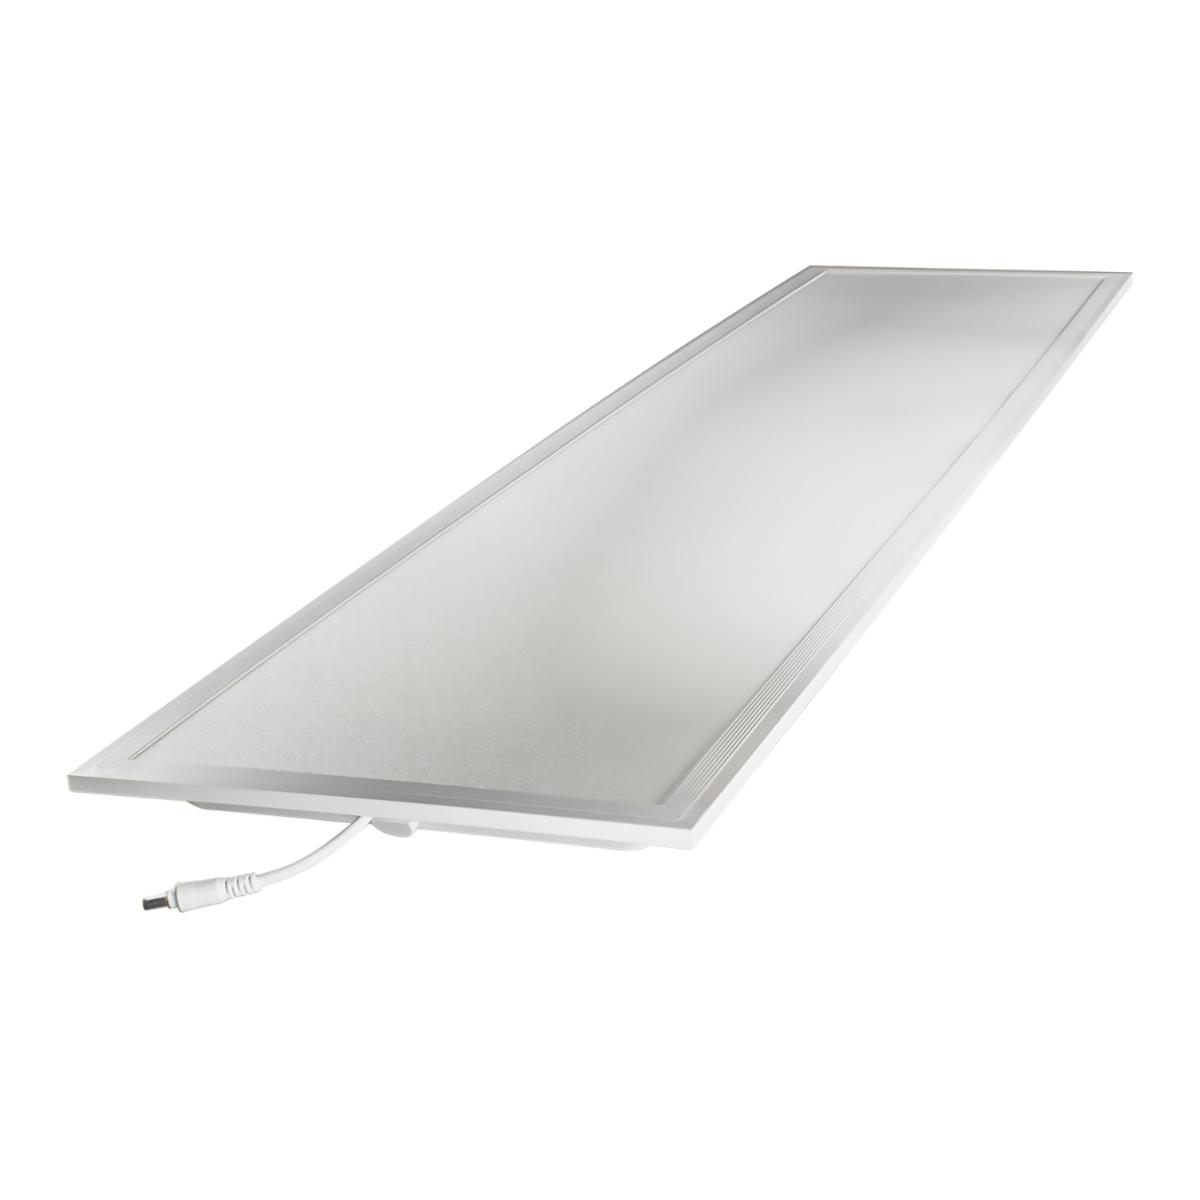 Noxion LED panel Econox 32W 30x120cm 6500K 4400lm UGR <22 | daglys - erstatter 2x36W